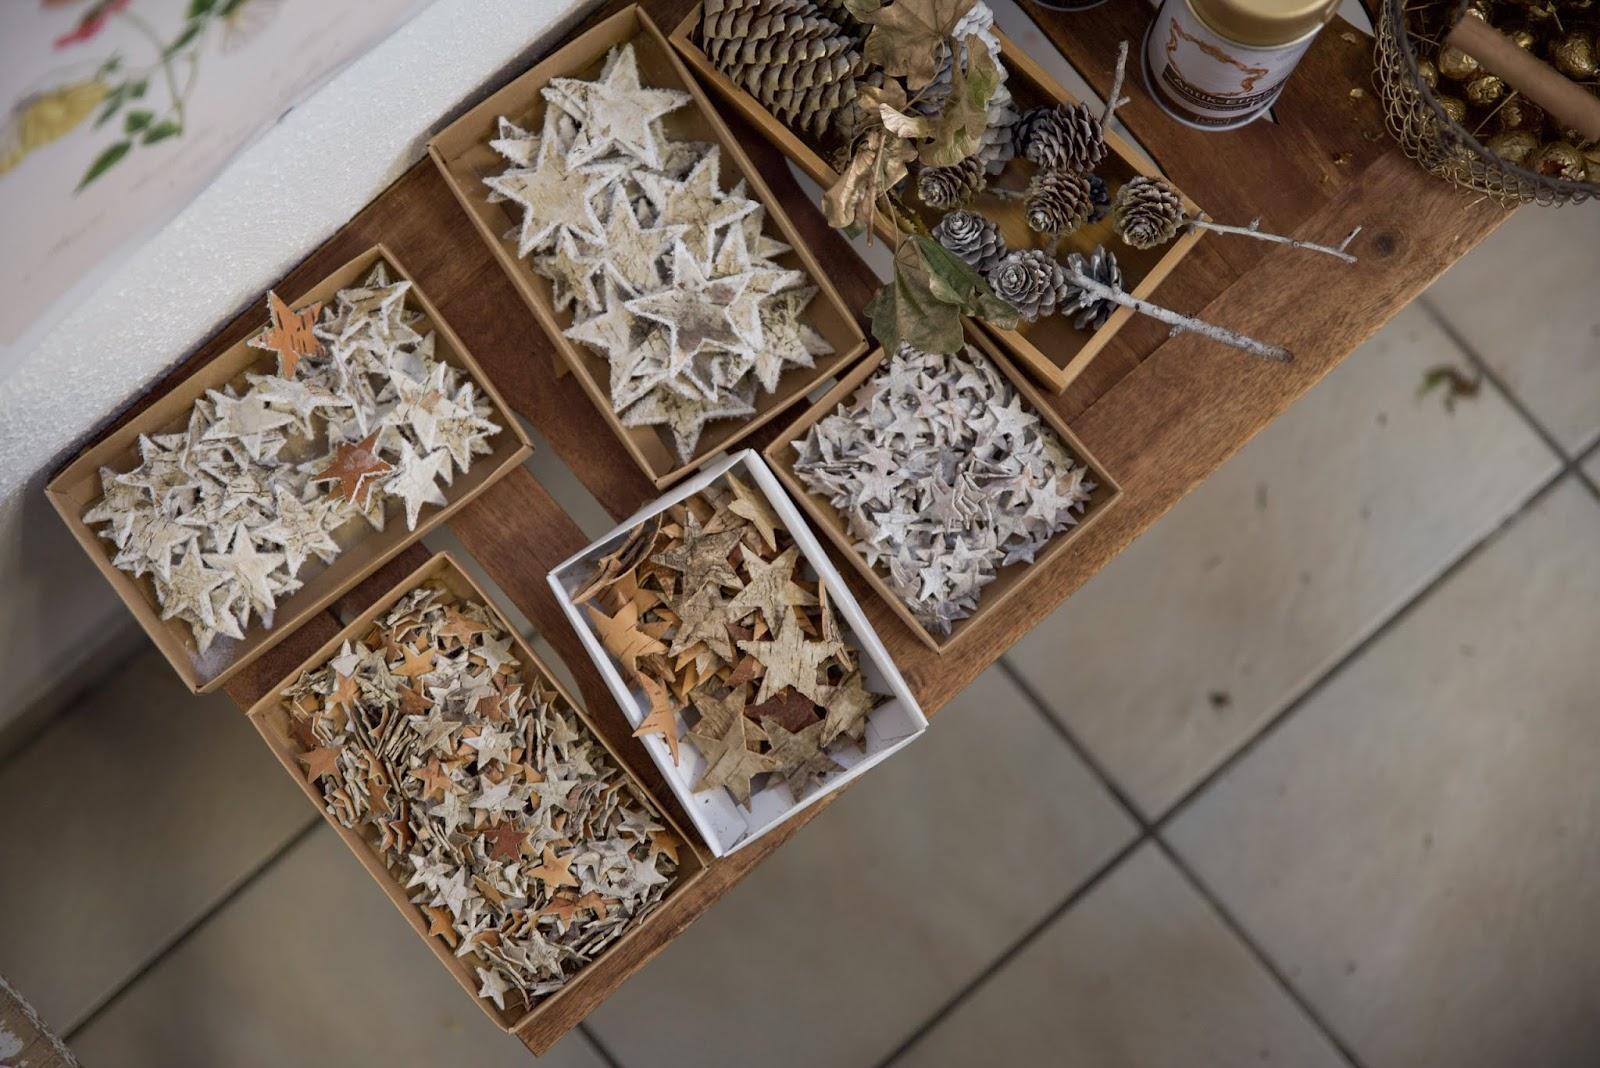 Workshop Räume Kreativ Atelier Interior mit WENKO Box Terra aus Bambus zur Aufbewahrung Einrichtung Dekoideen kreativ gestalten